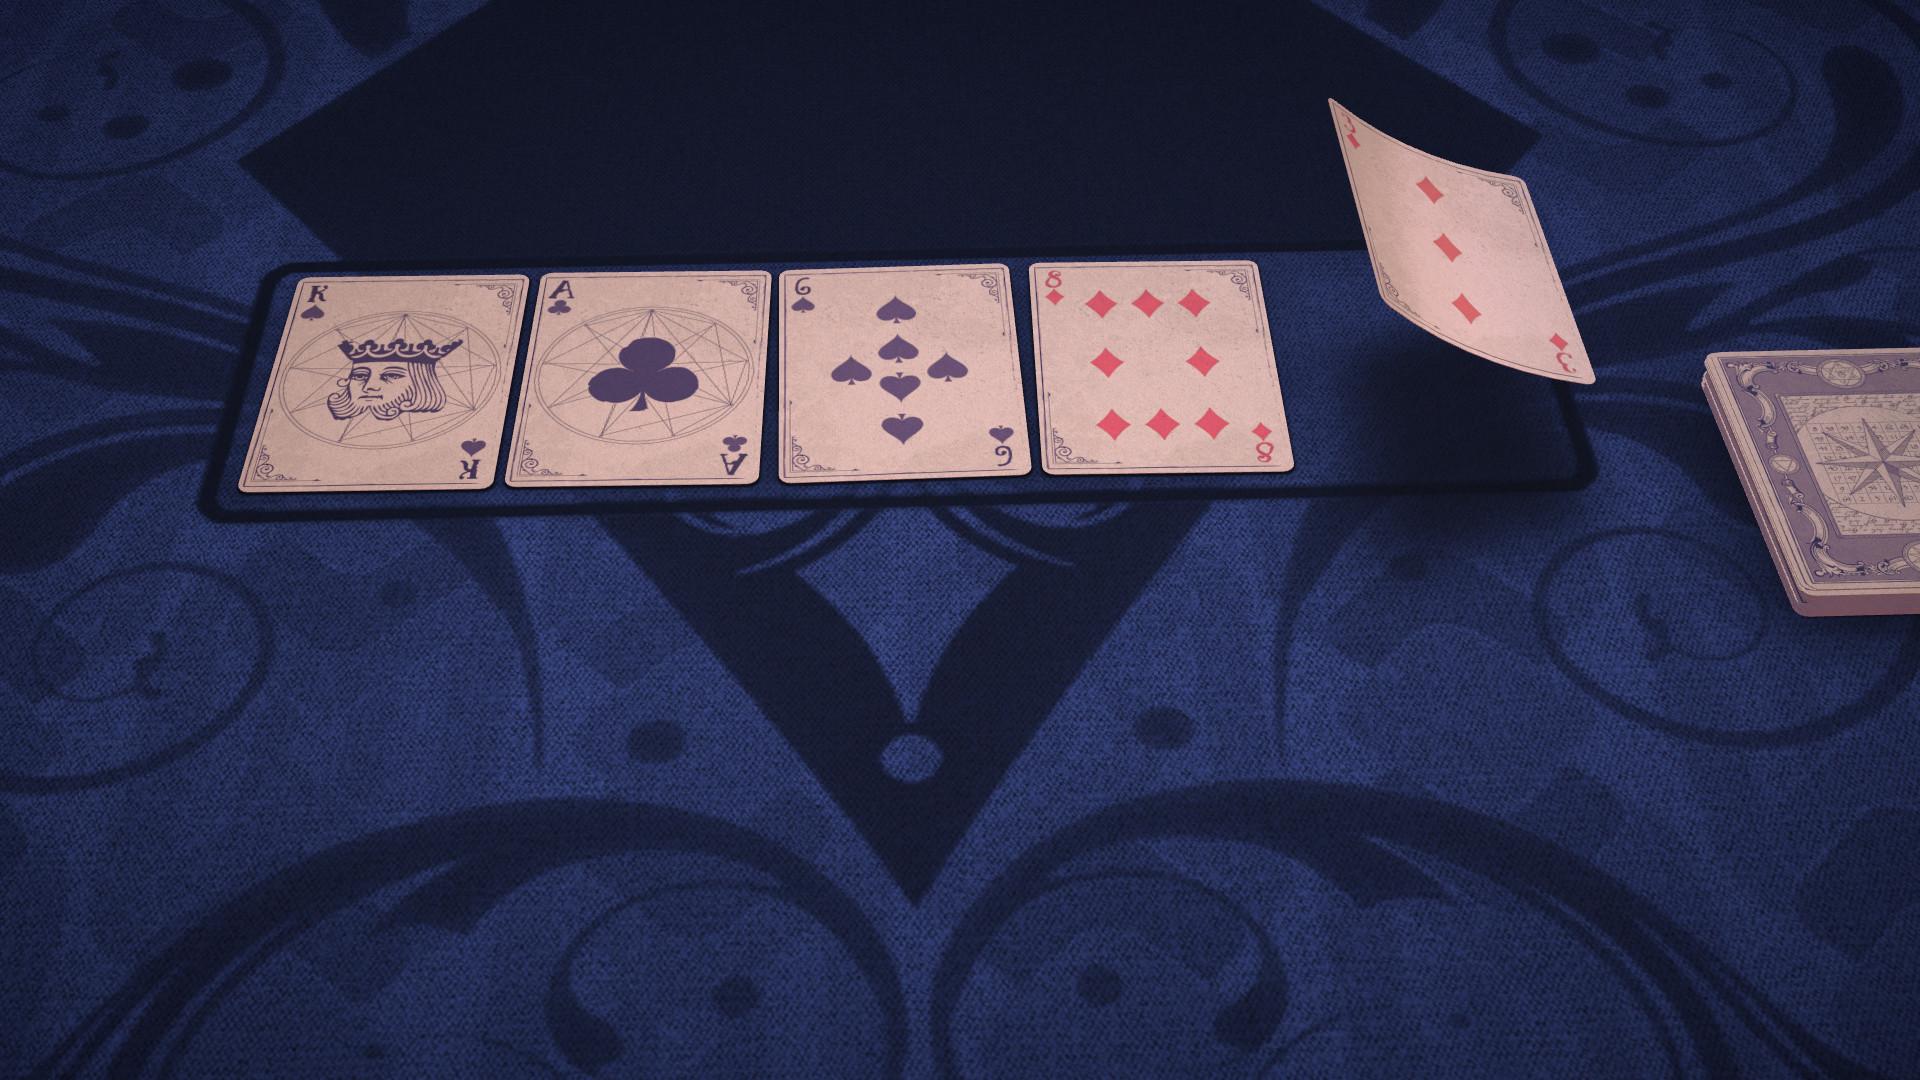 Pure Hold'em - Sorcerer Card Deck screenshot